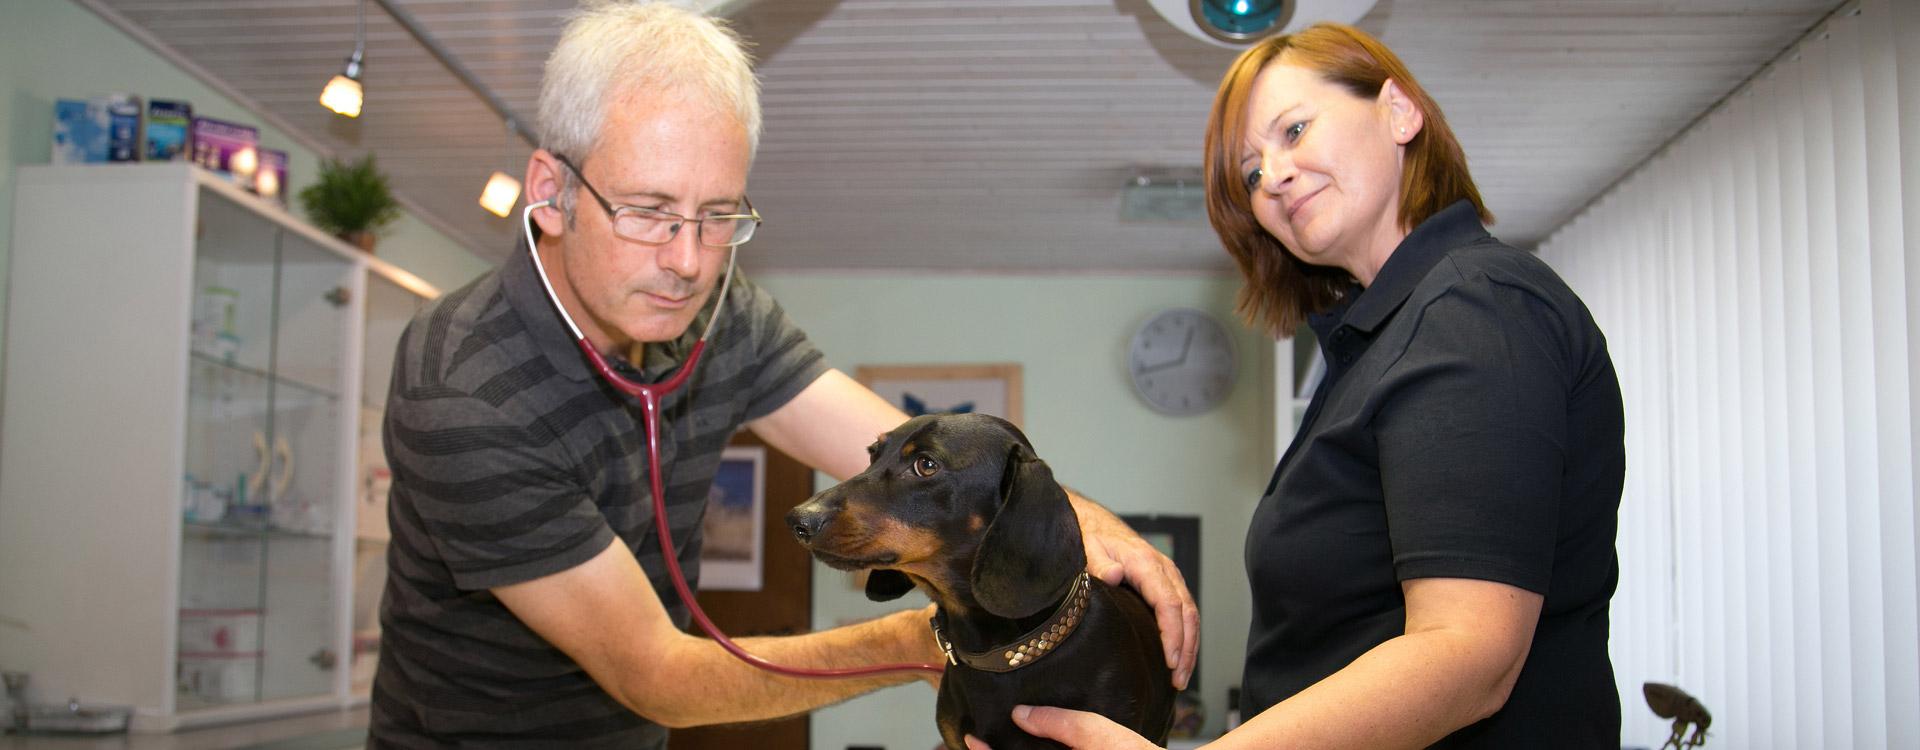 Untersuchung von Hund bei Tierarzt Dr. Waibel